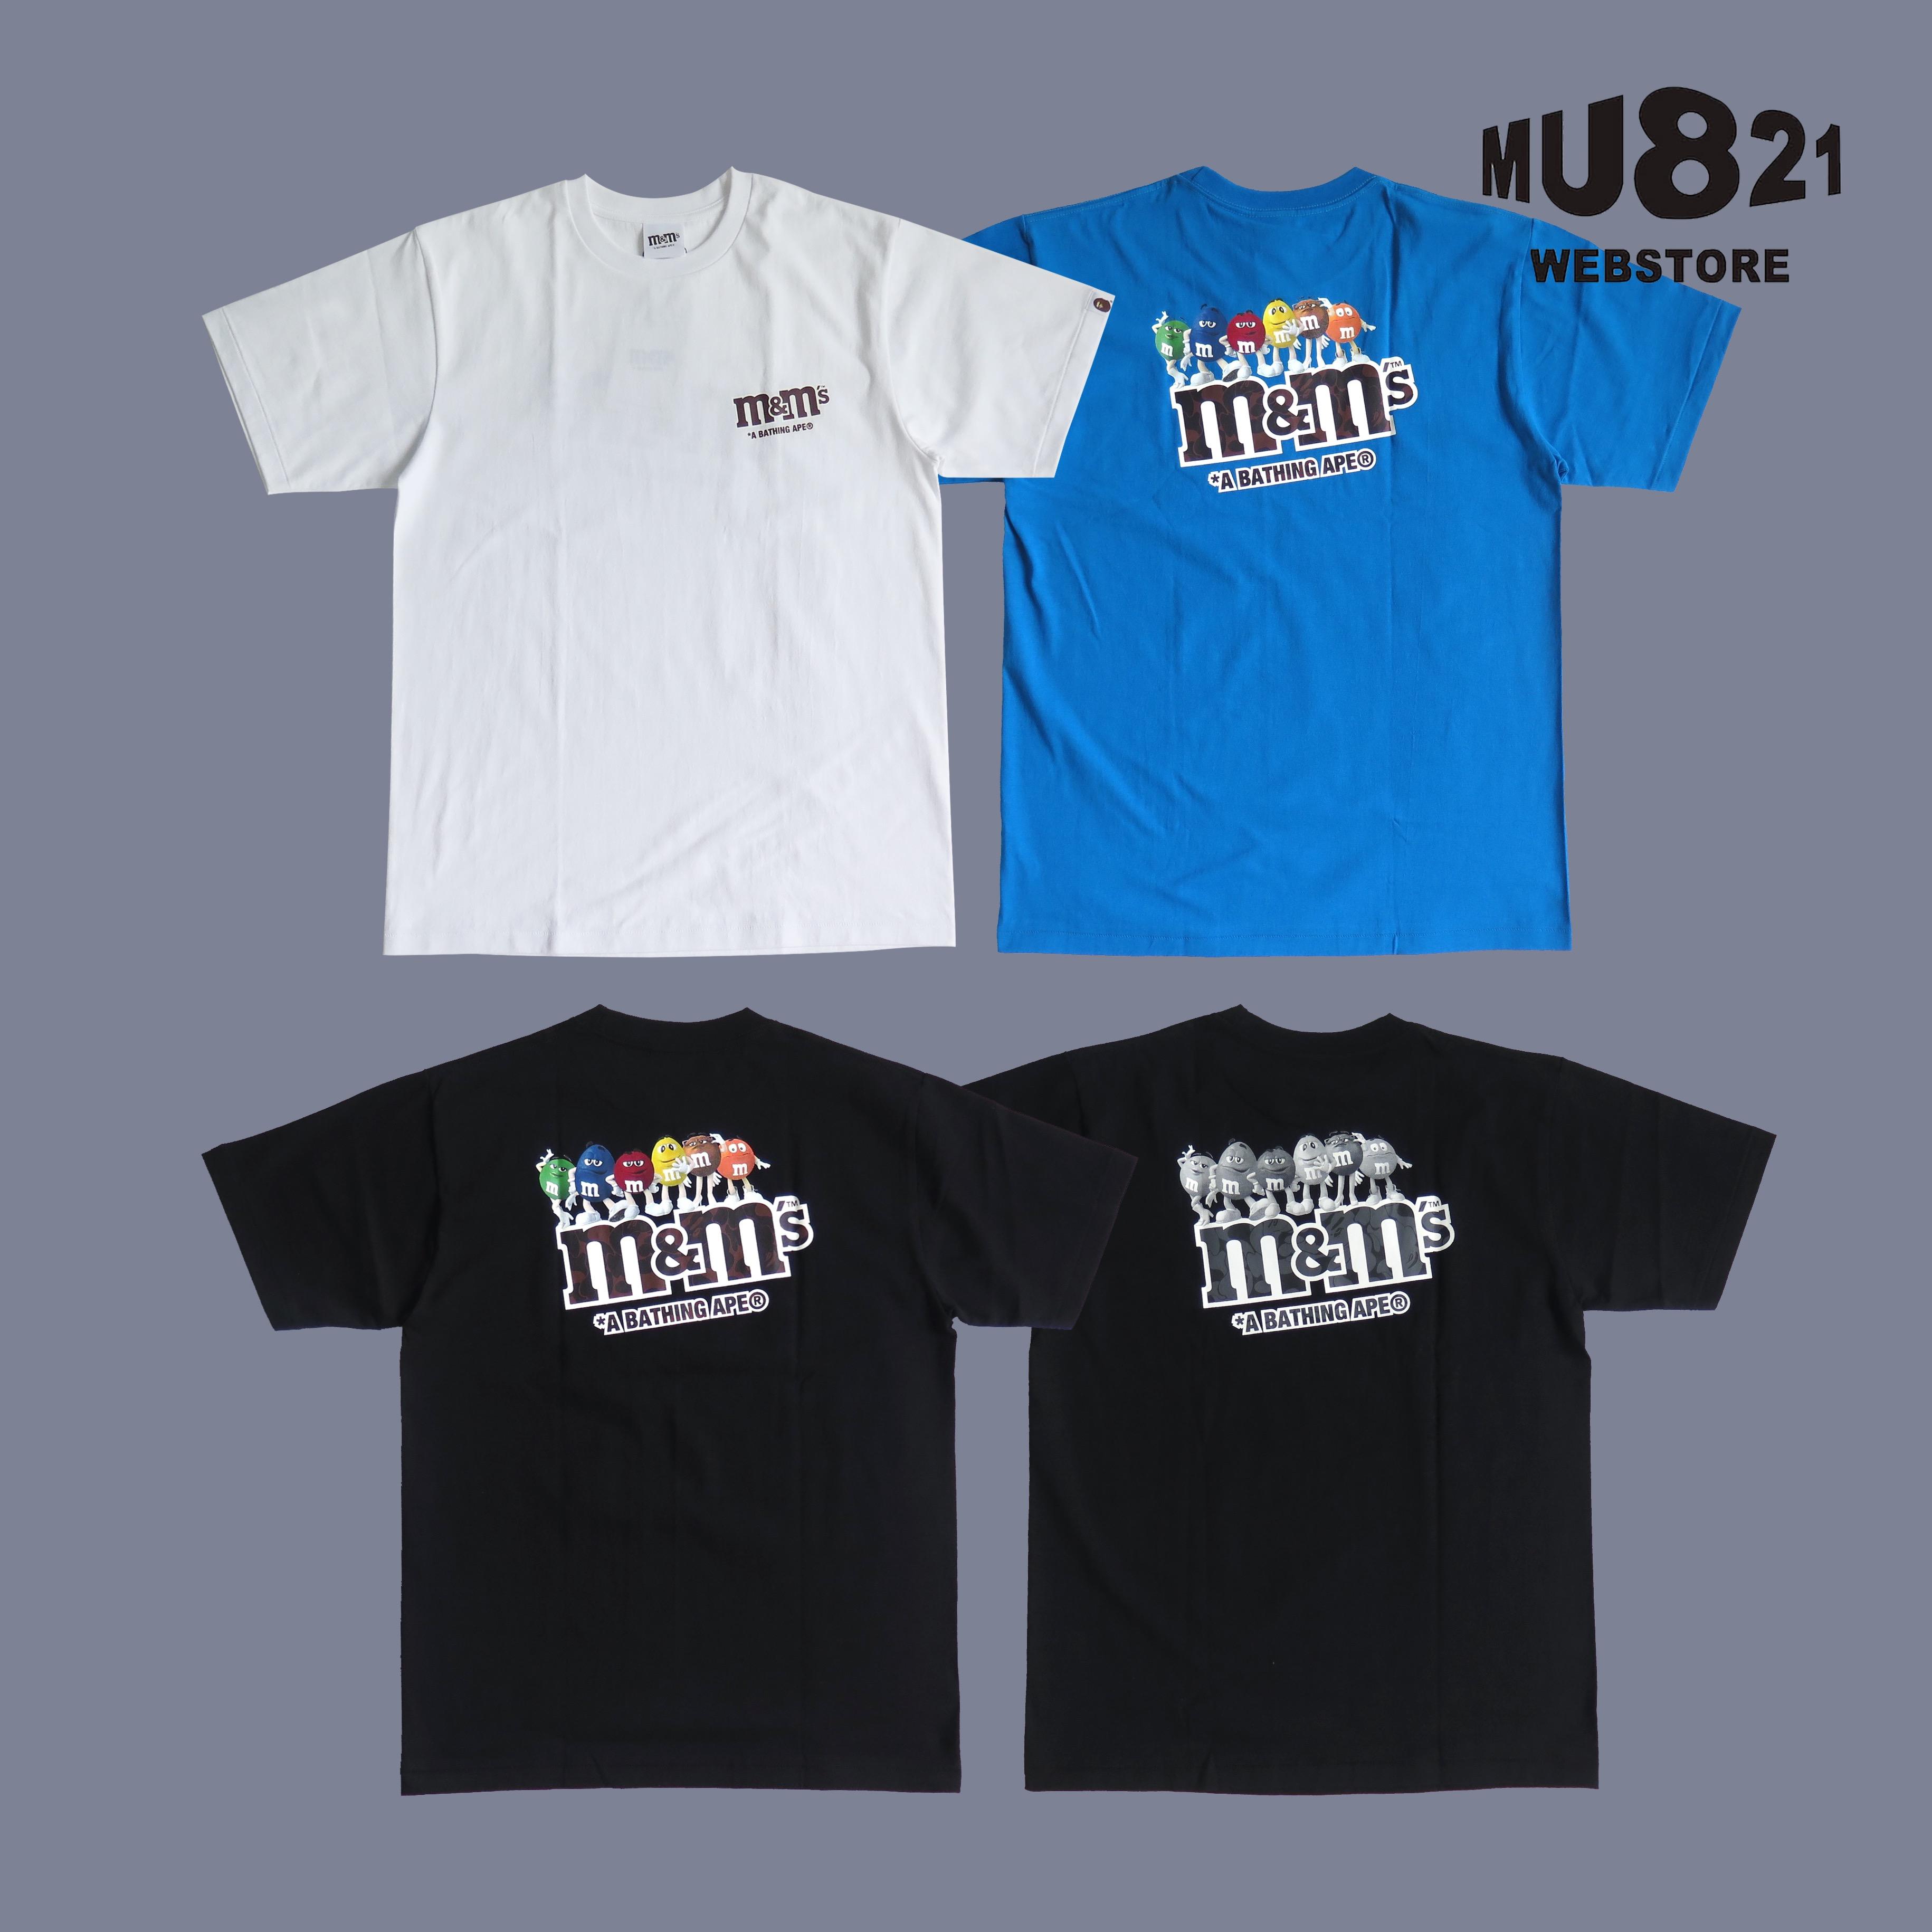 MU821现货 BAPE M&MS MONOTONE TEE 背后MM豆彩虹豆全家福短袖T恤